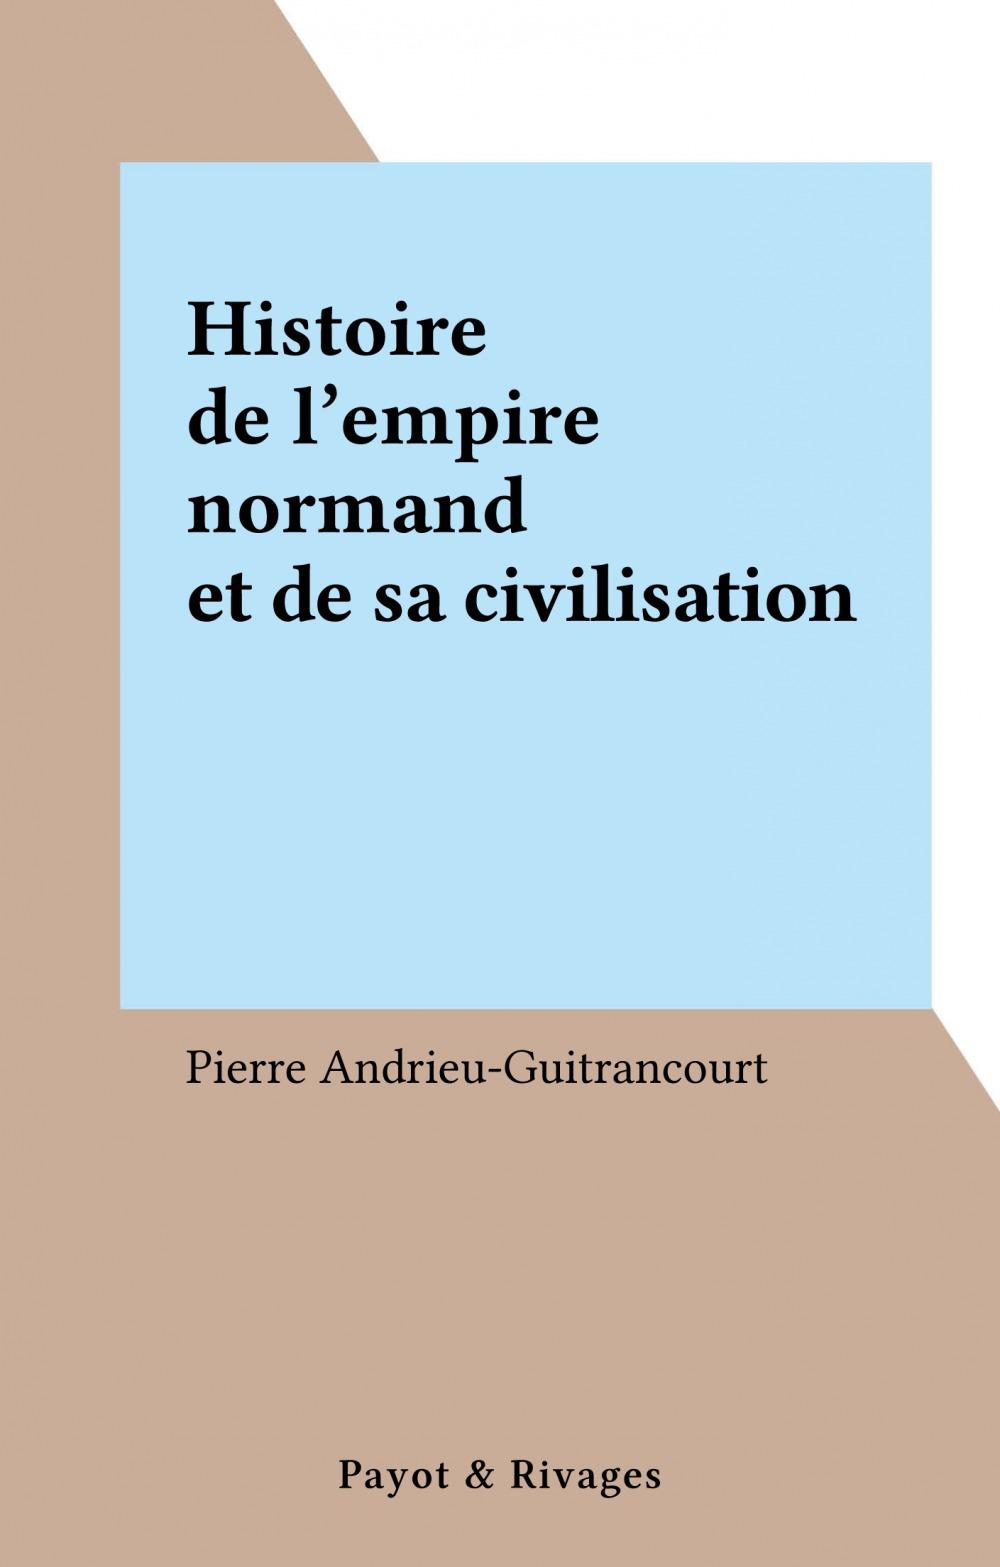 Histoire de l'empire normand et de sa civilisation